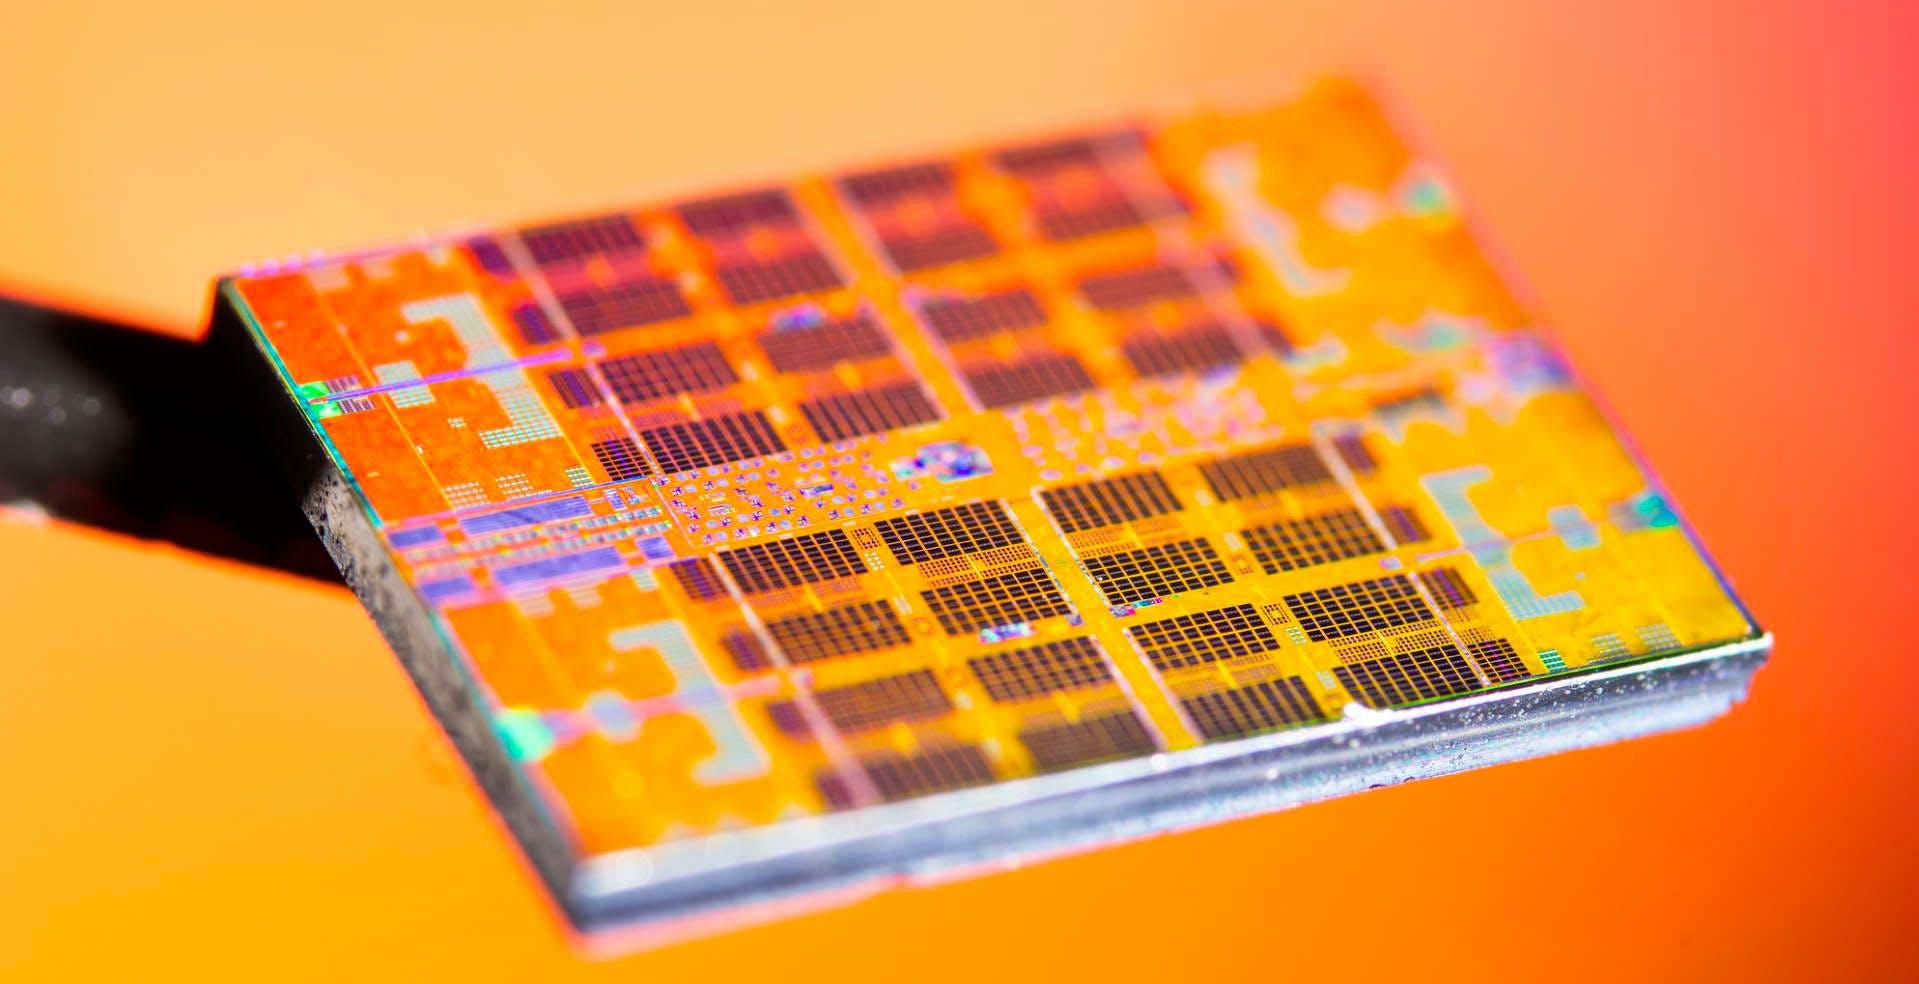 """TSMC: """"Abbiamo smesso di accettare ordini di chip da Huawei"""". Un problema ben più grave della mancanza di Google sugli smartphone"""